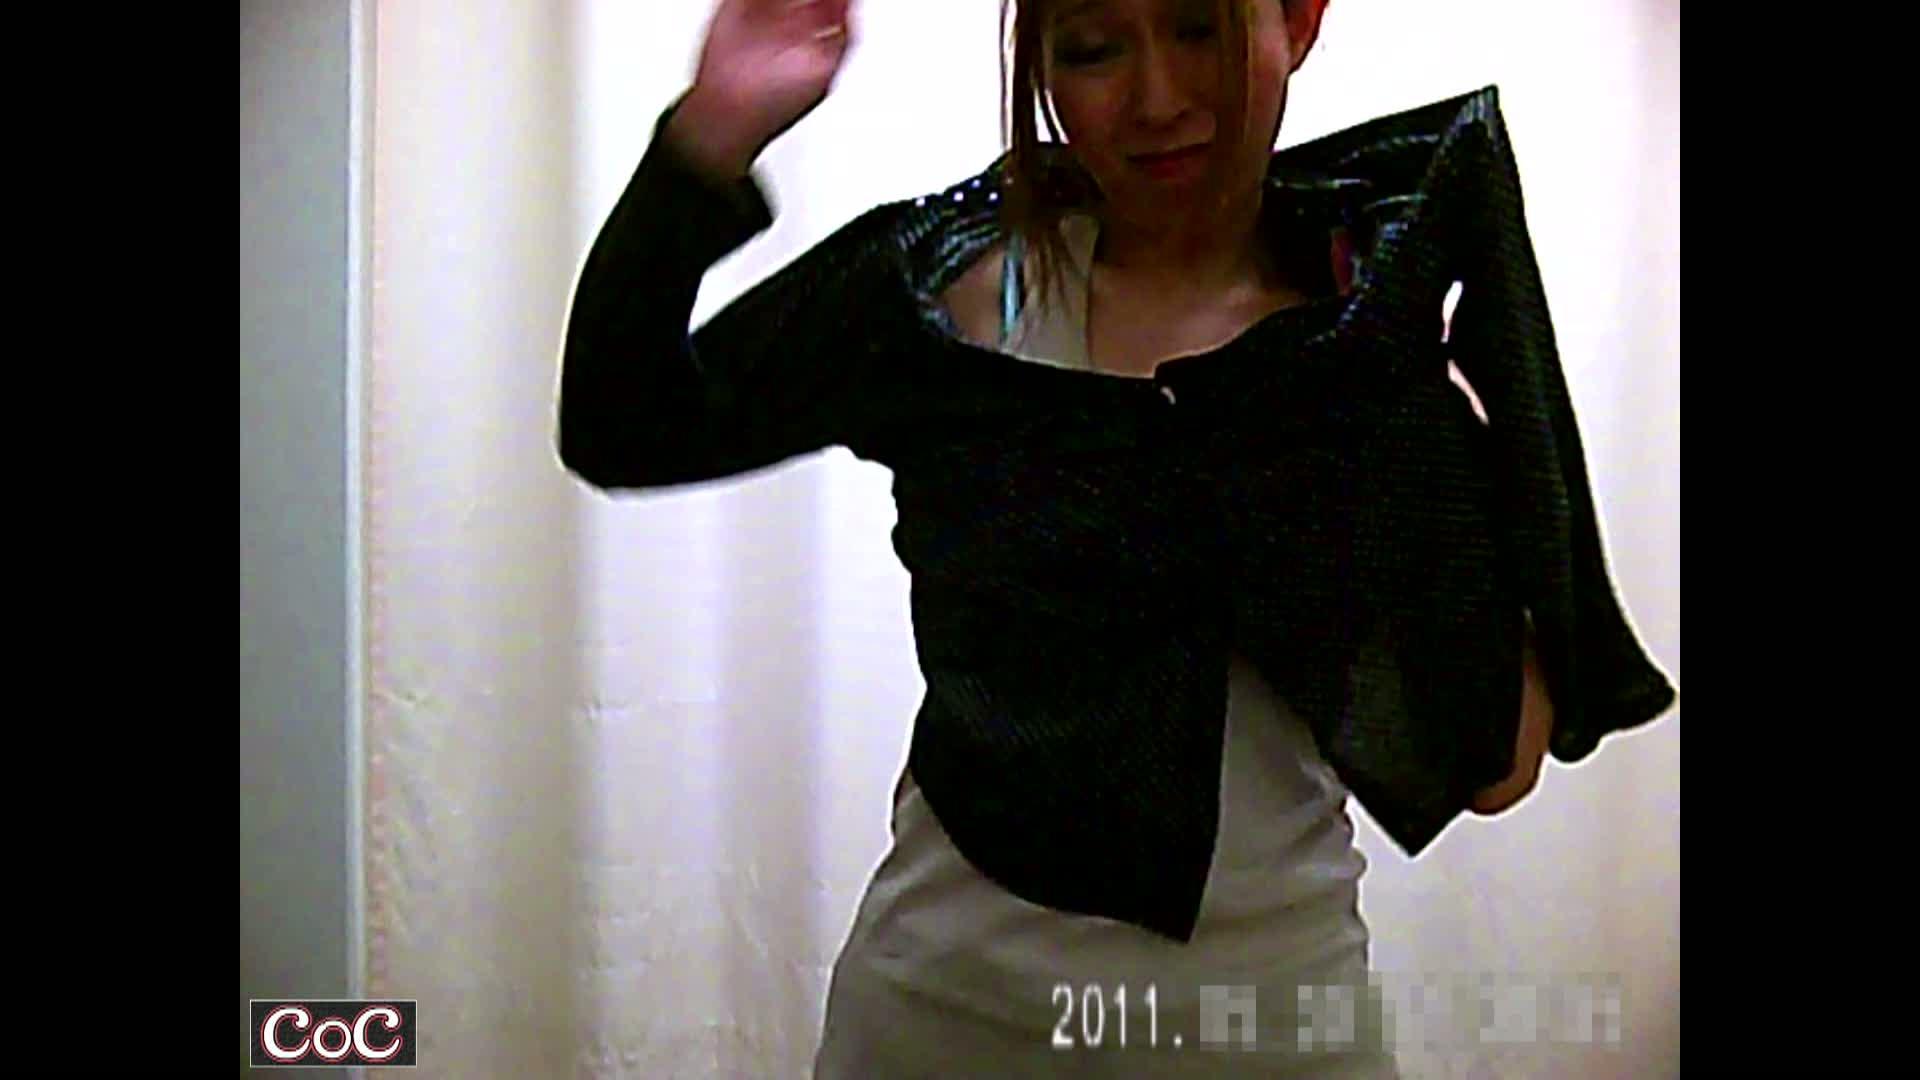 【着替え動画】悪徳医師が盗撮したスレンダー女性患者の更衣室映像!ど貧乳ファン必見!乳輪も小●生サイズw